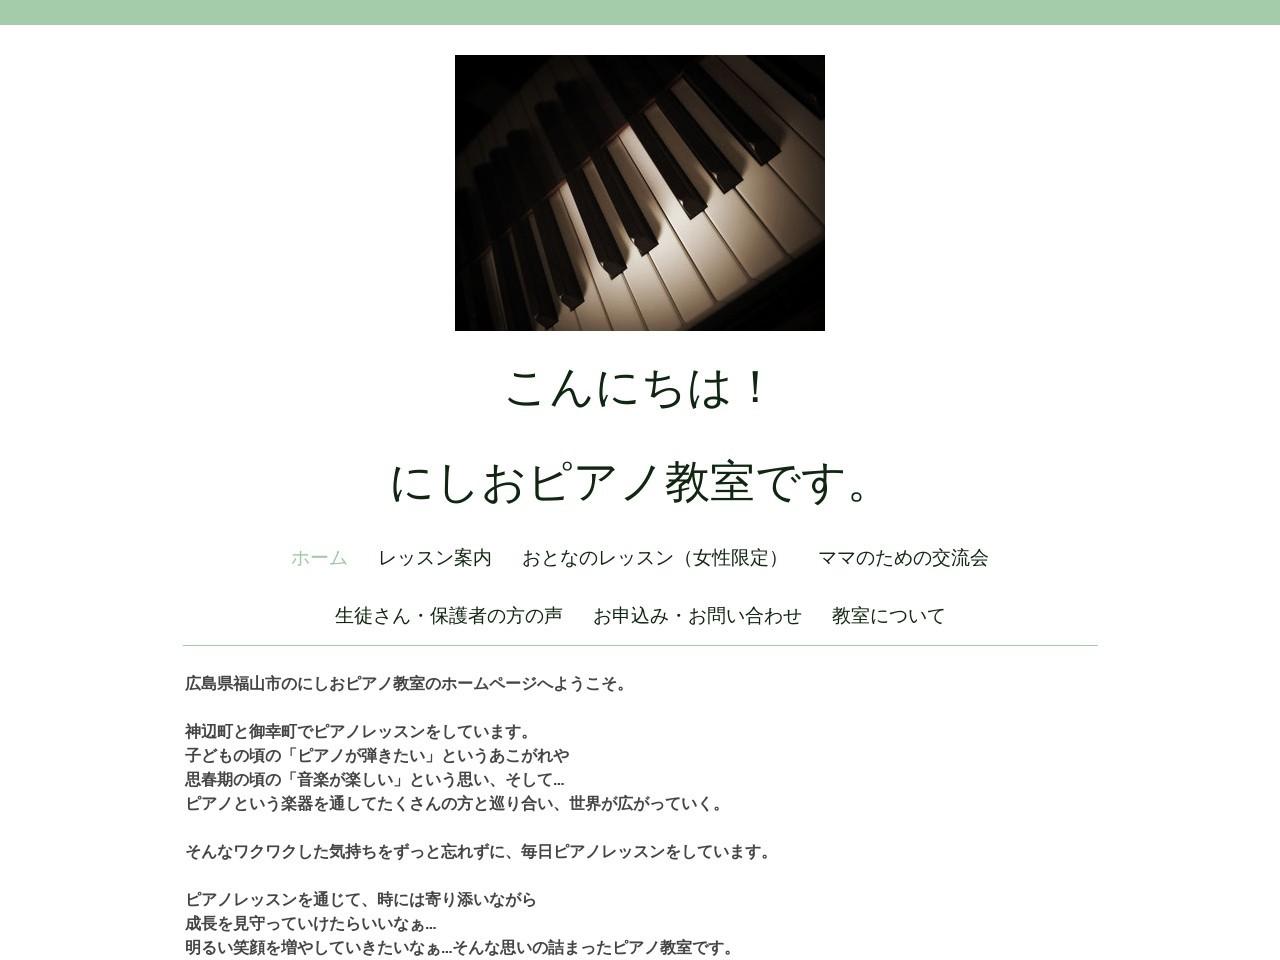 にしおピアノ教室(道上教室・御幸教室)のサムネイル